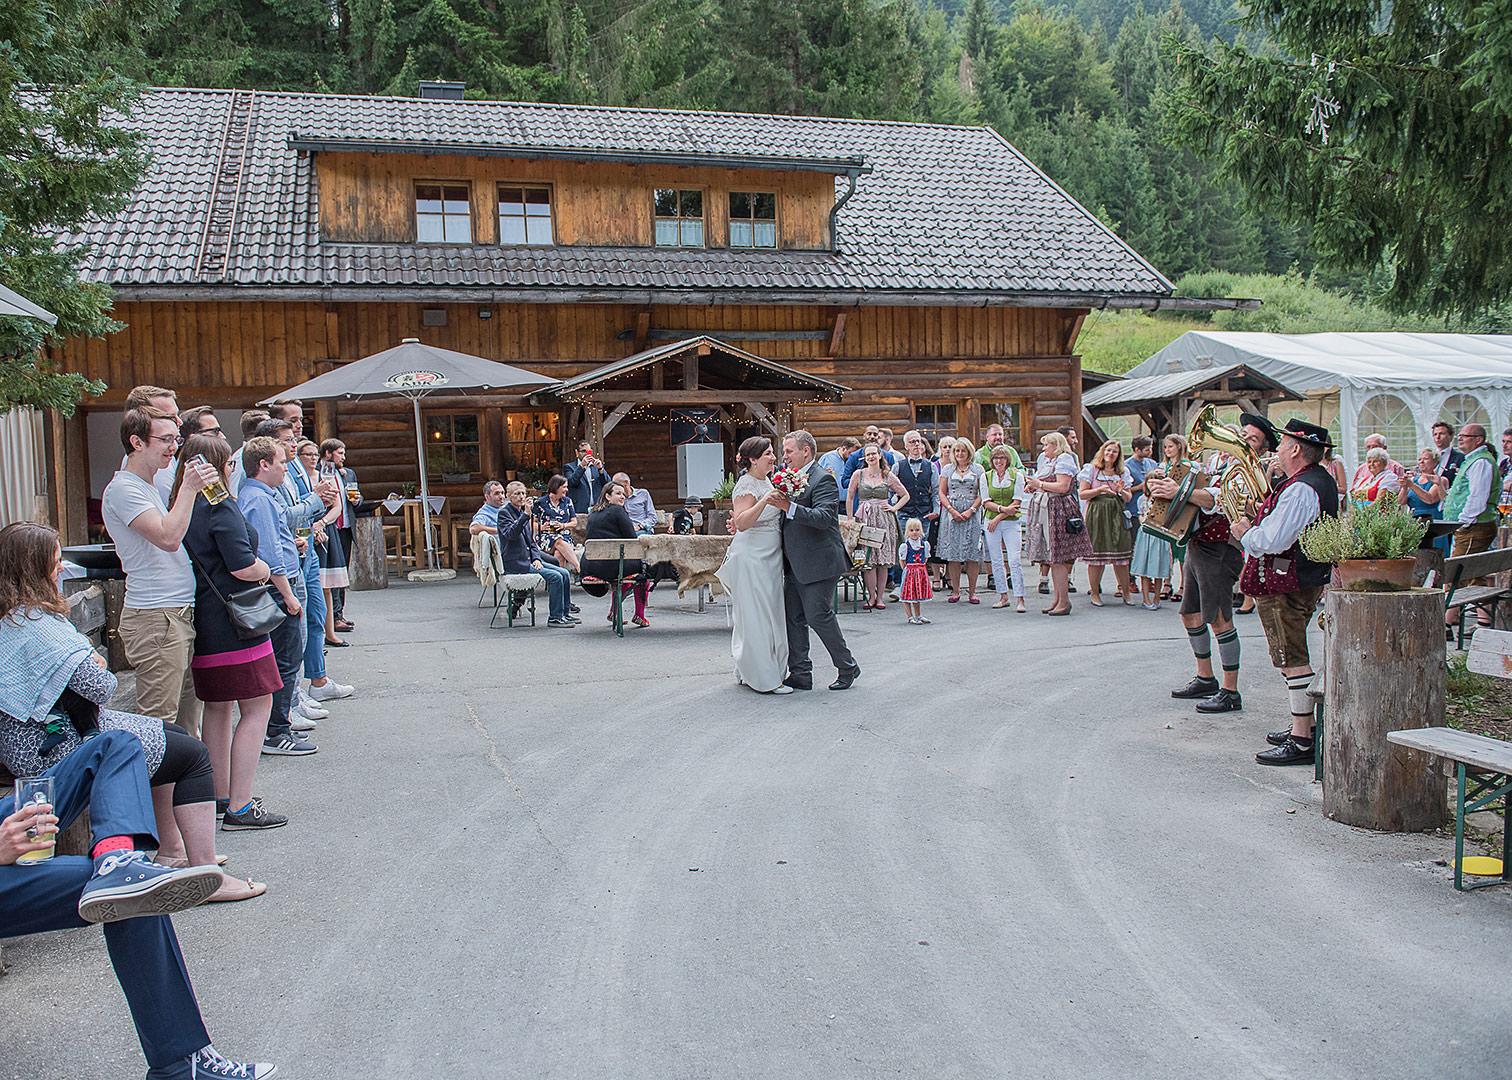 berghochzeit, heiraten in den bergen, garmisch partenkirchen, tonihütte, riesserkopf, zugspitze, hochzeitsfotograf, destination wedding, bayrische hüttenhochzeit, heiraten in den alpen, fotograf, hochzeitsfotos, hochzeitstanz